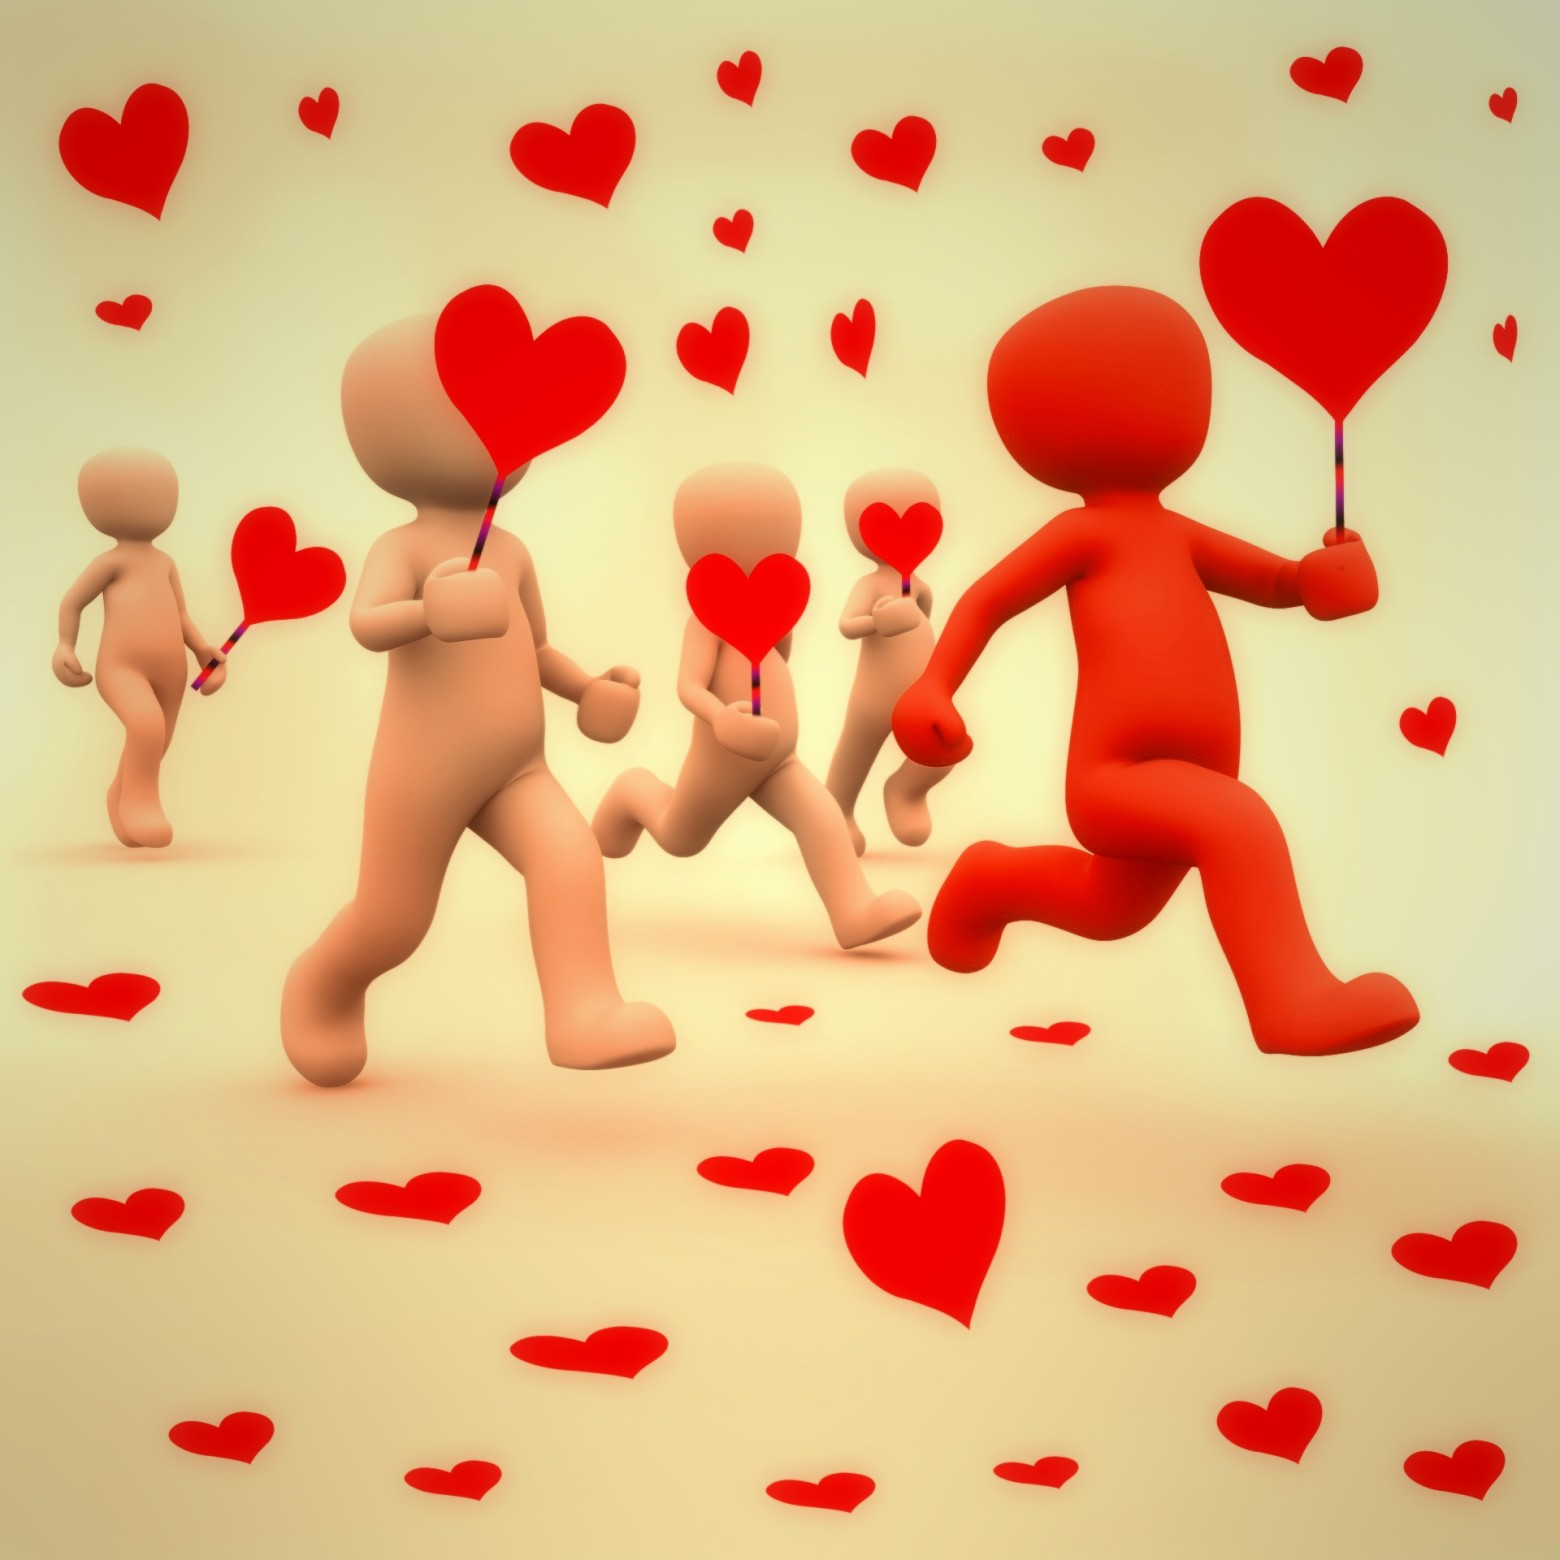 Saint valentin carte image amour coeur love bonhomme image gratuite images gratuites et libres - Images coeur gratuites ...